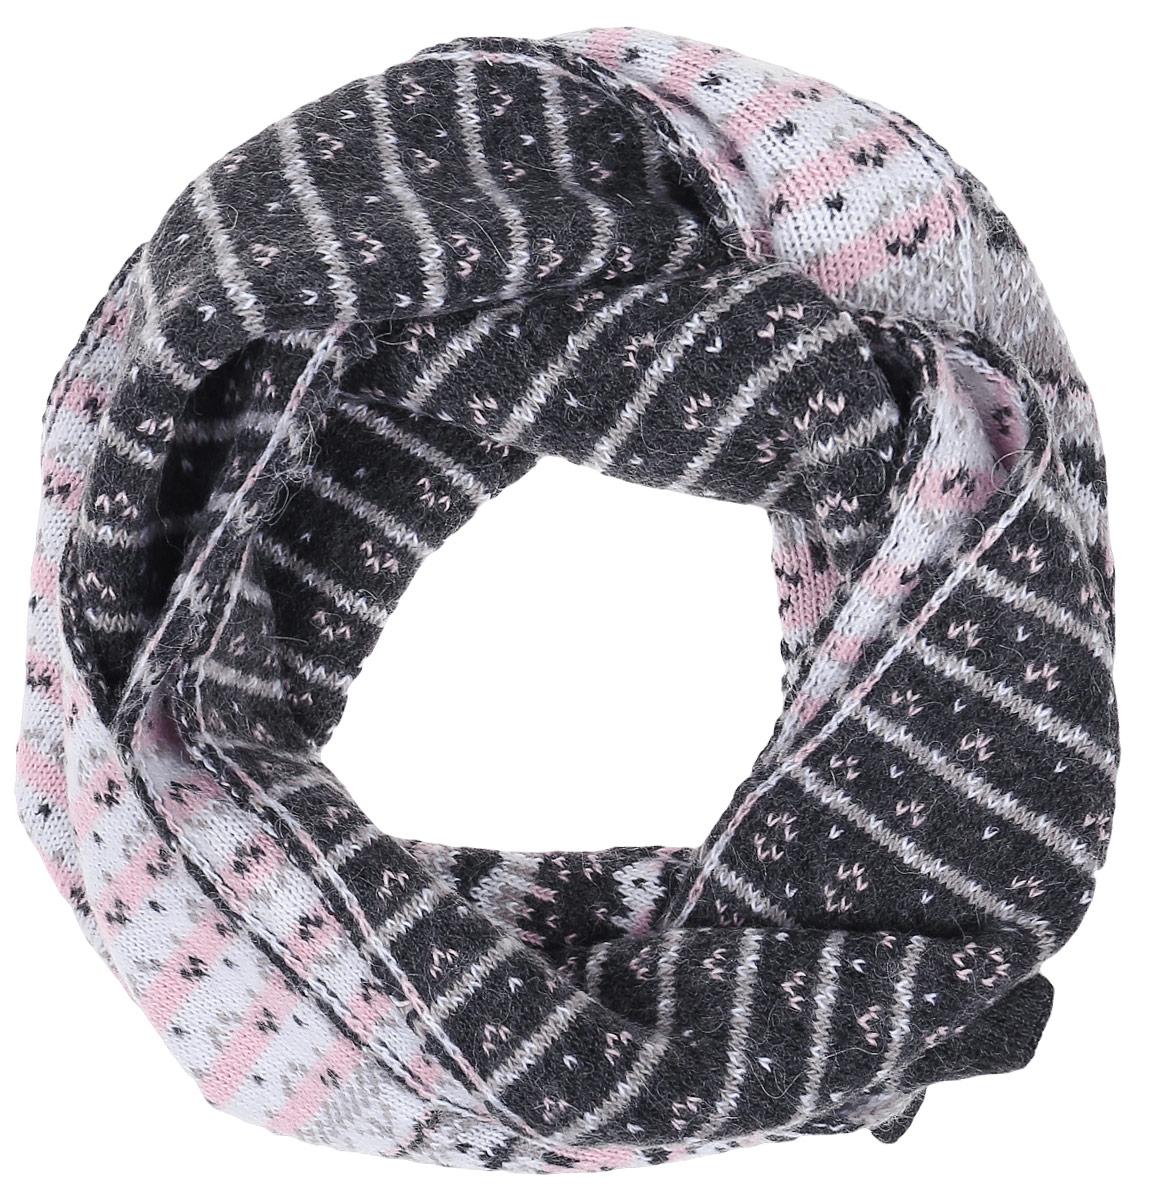 ШарфW16-12128_202Теплый женский шарф Finn Flare станет достойным завершением вашего образа. Шарф изготовлен из сочетания высококачественных материалов. Модель оформлена контрастным принтом.